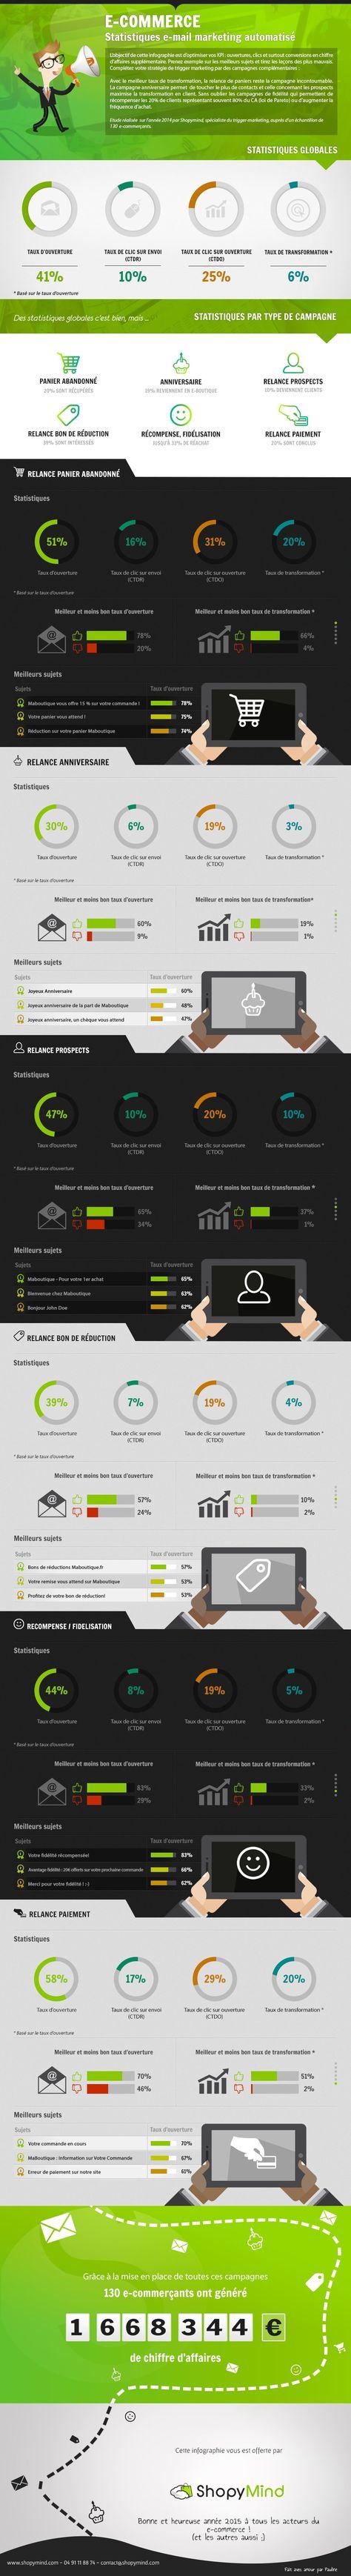 [Infographie] Les statistiques de l'email automatisé   Comarketing-News